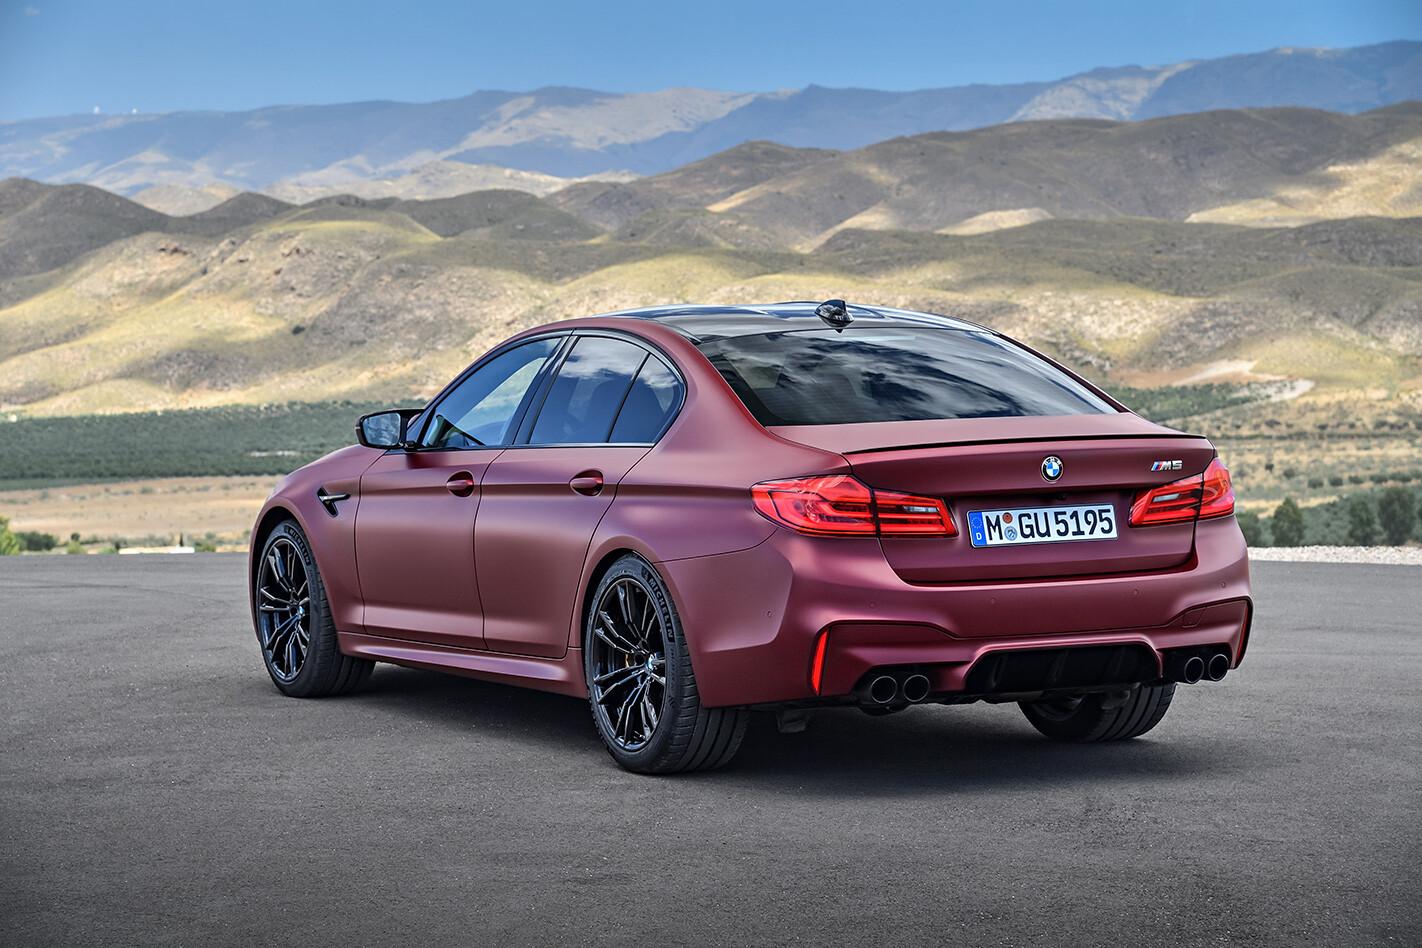 2018 BMW M5 First Edition rear.jpg